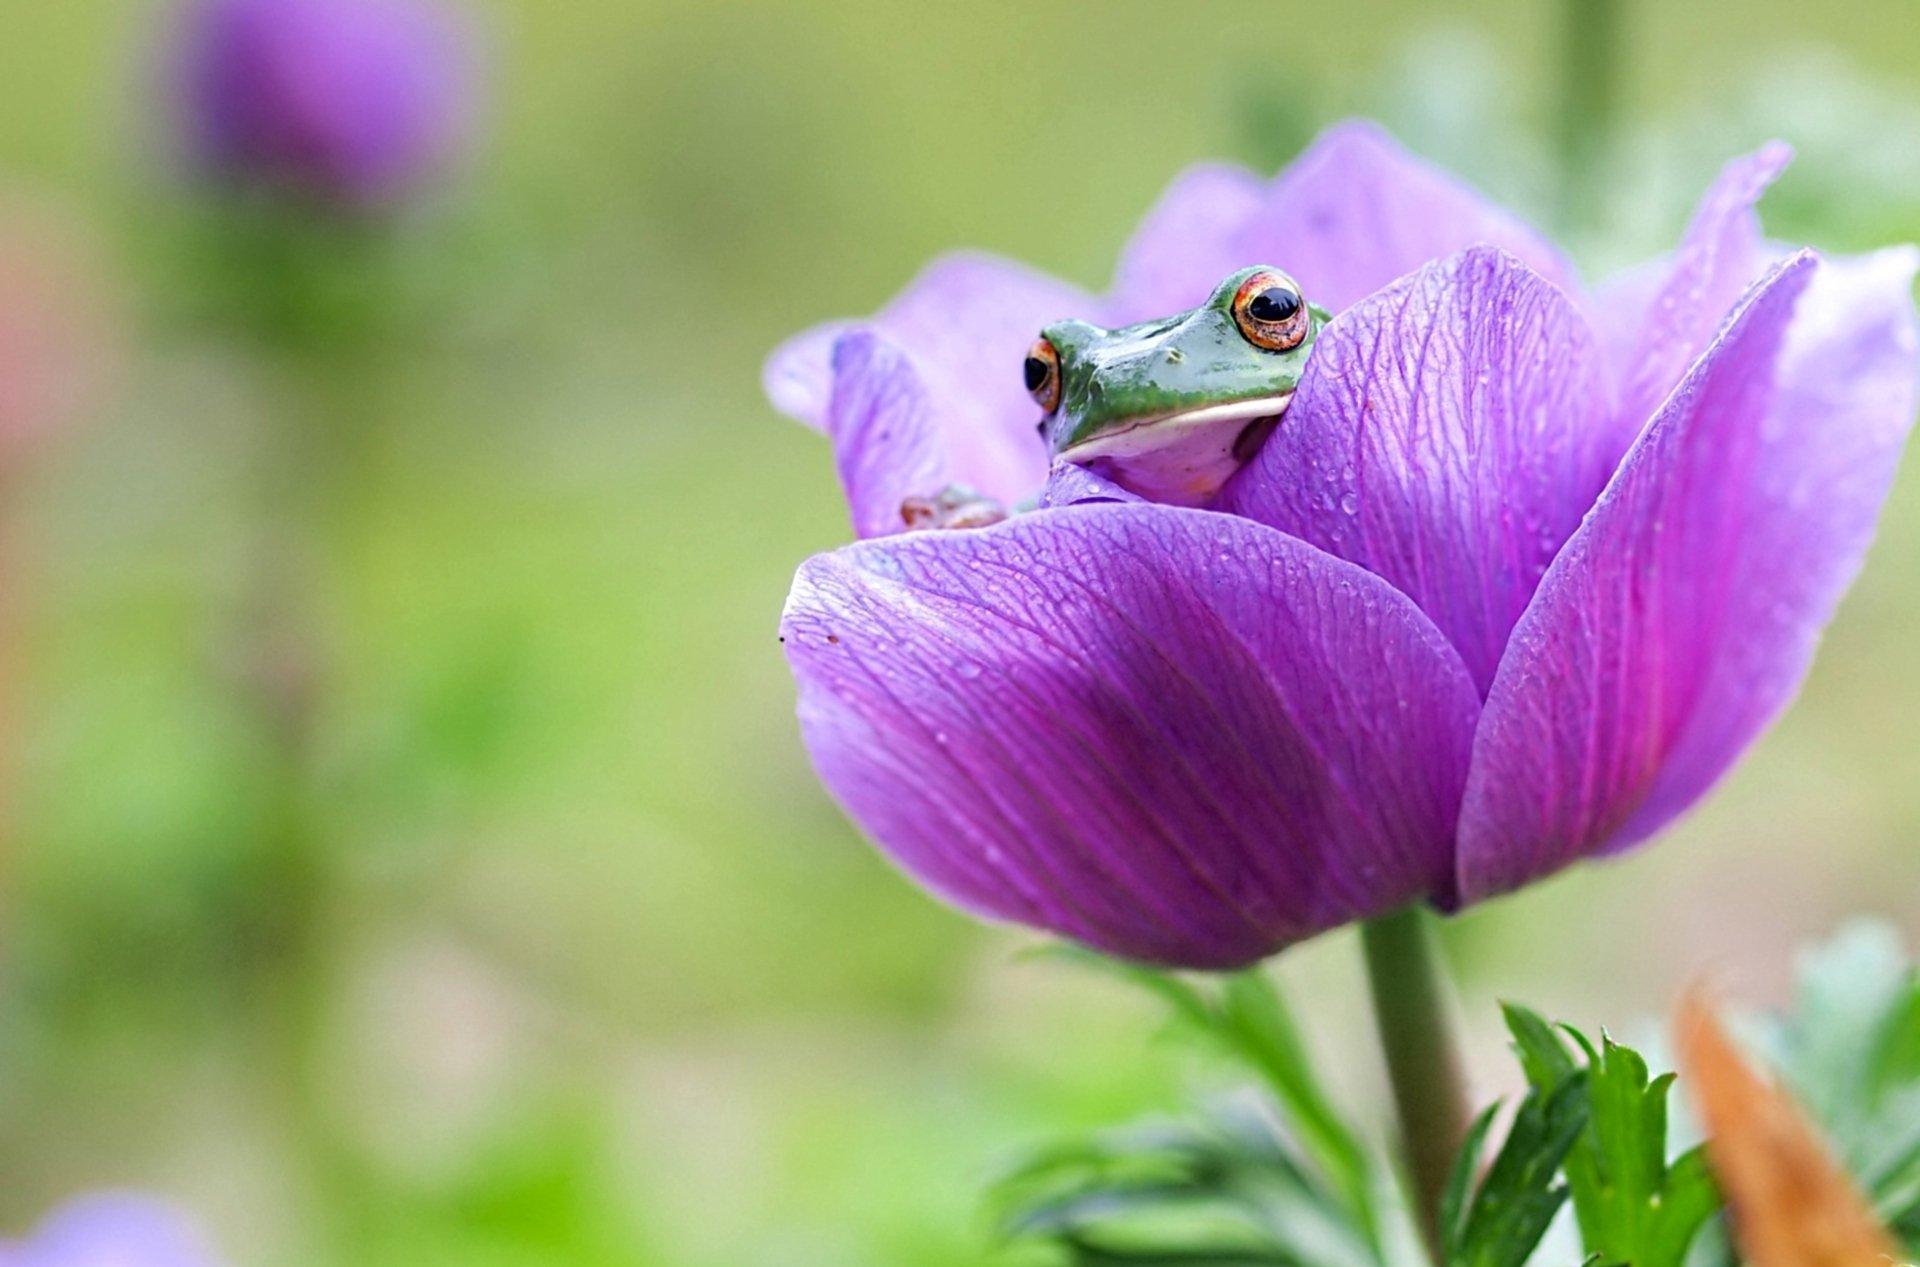 природа цветы животное лягушка  № 3068557 бесплатно